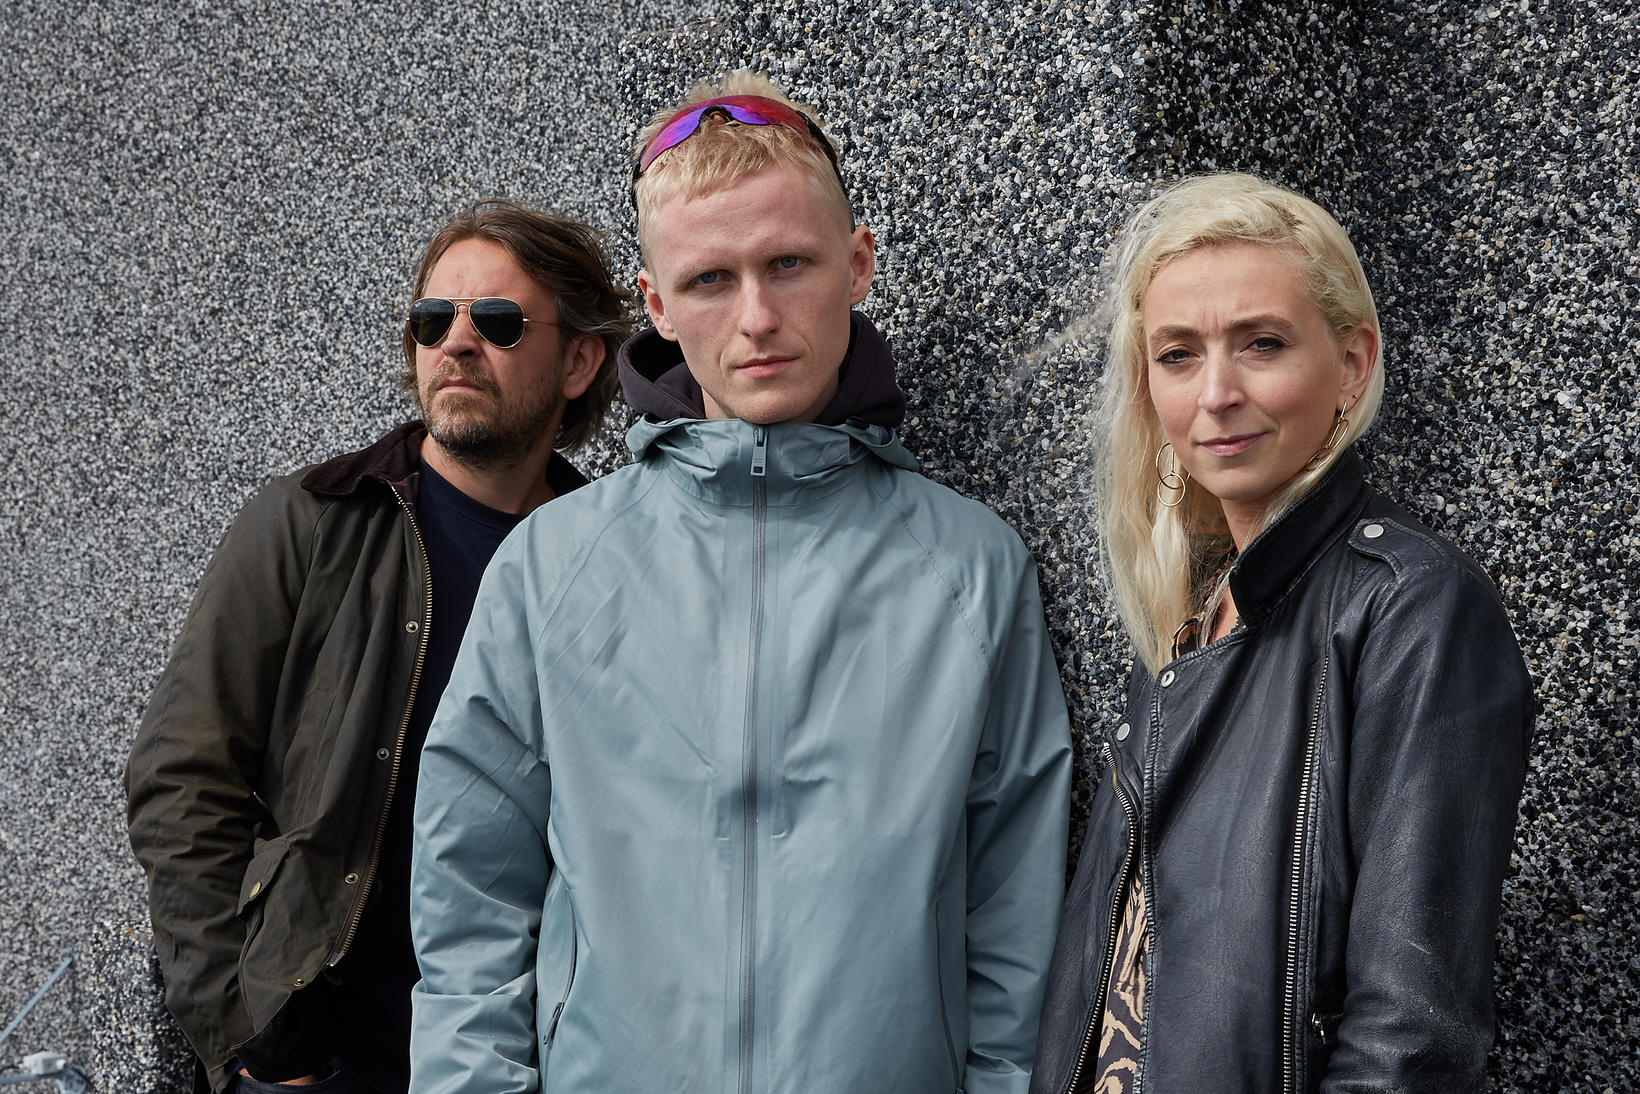 Þorleifur Arnar Arnarsson, Sturla Atlas og Ebba Katrín Finnsdóttir.